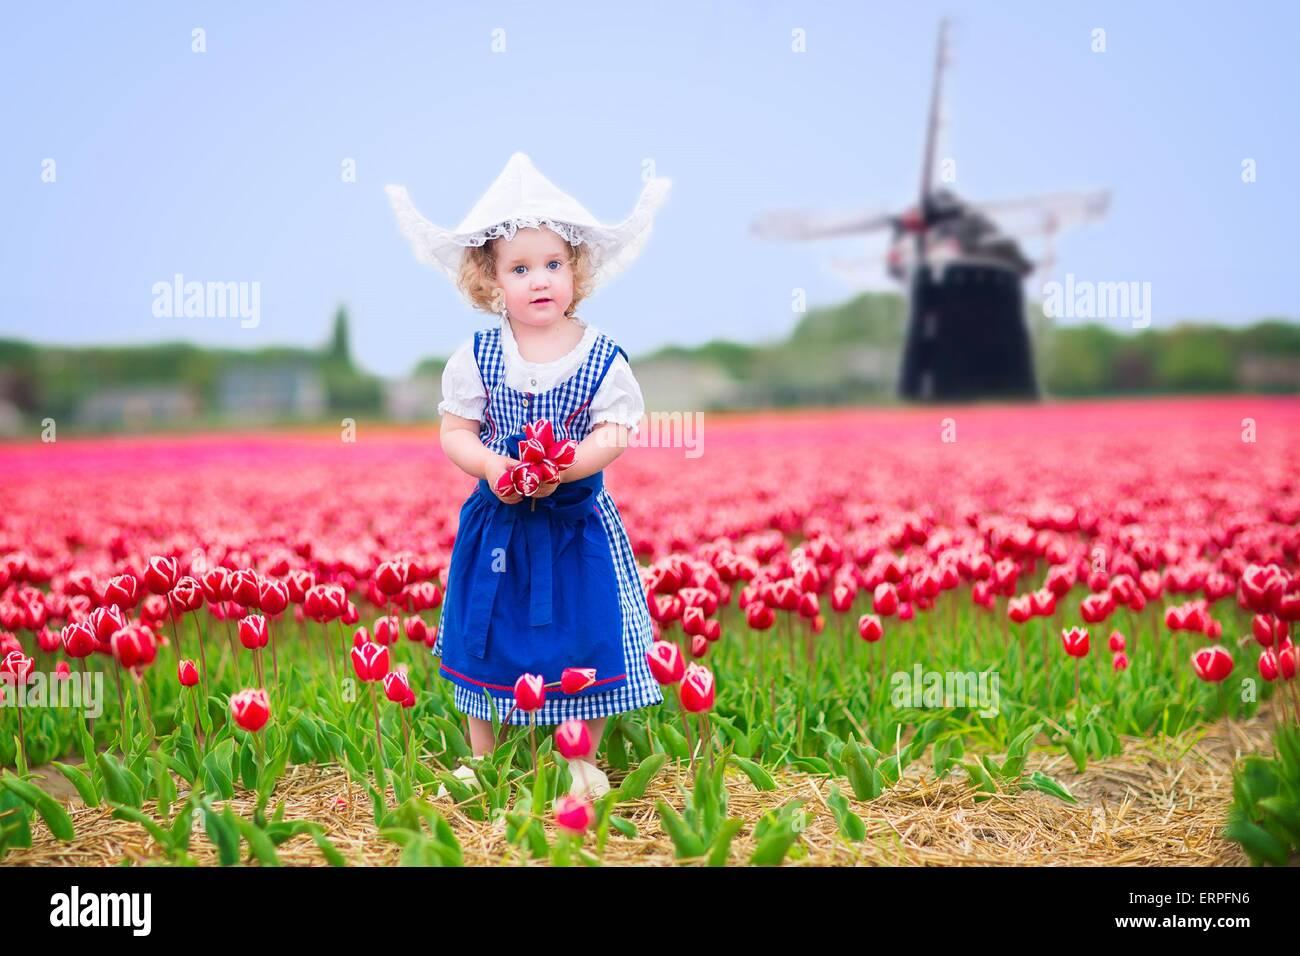 Vistiendo Holandés Y Vestido Traje Tradicional Nacional Niño El Niña E9YeWID2H